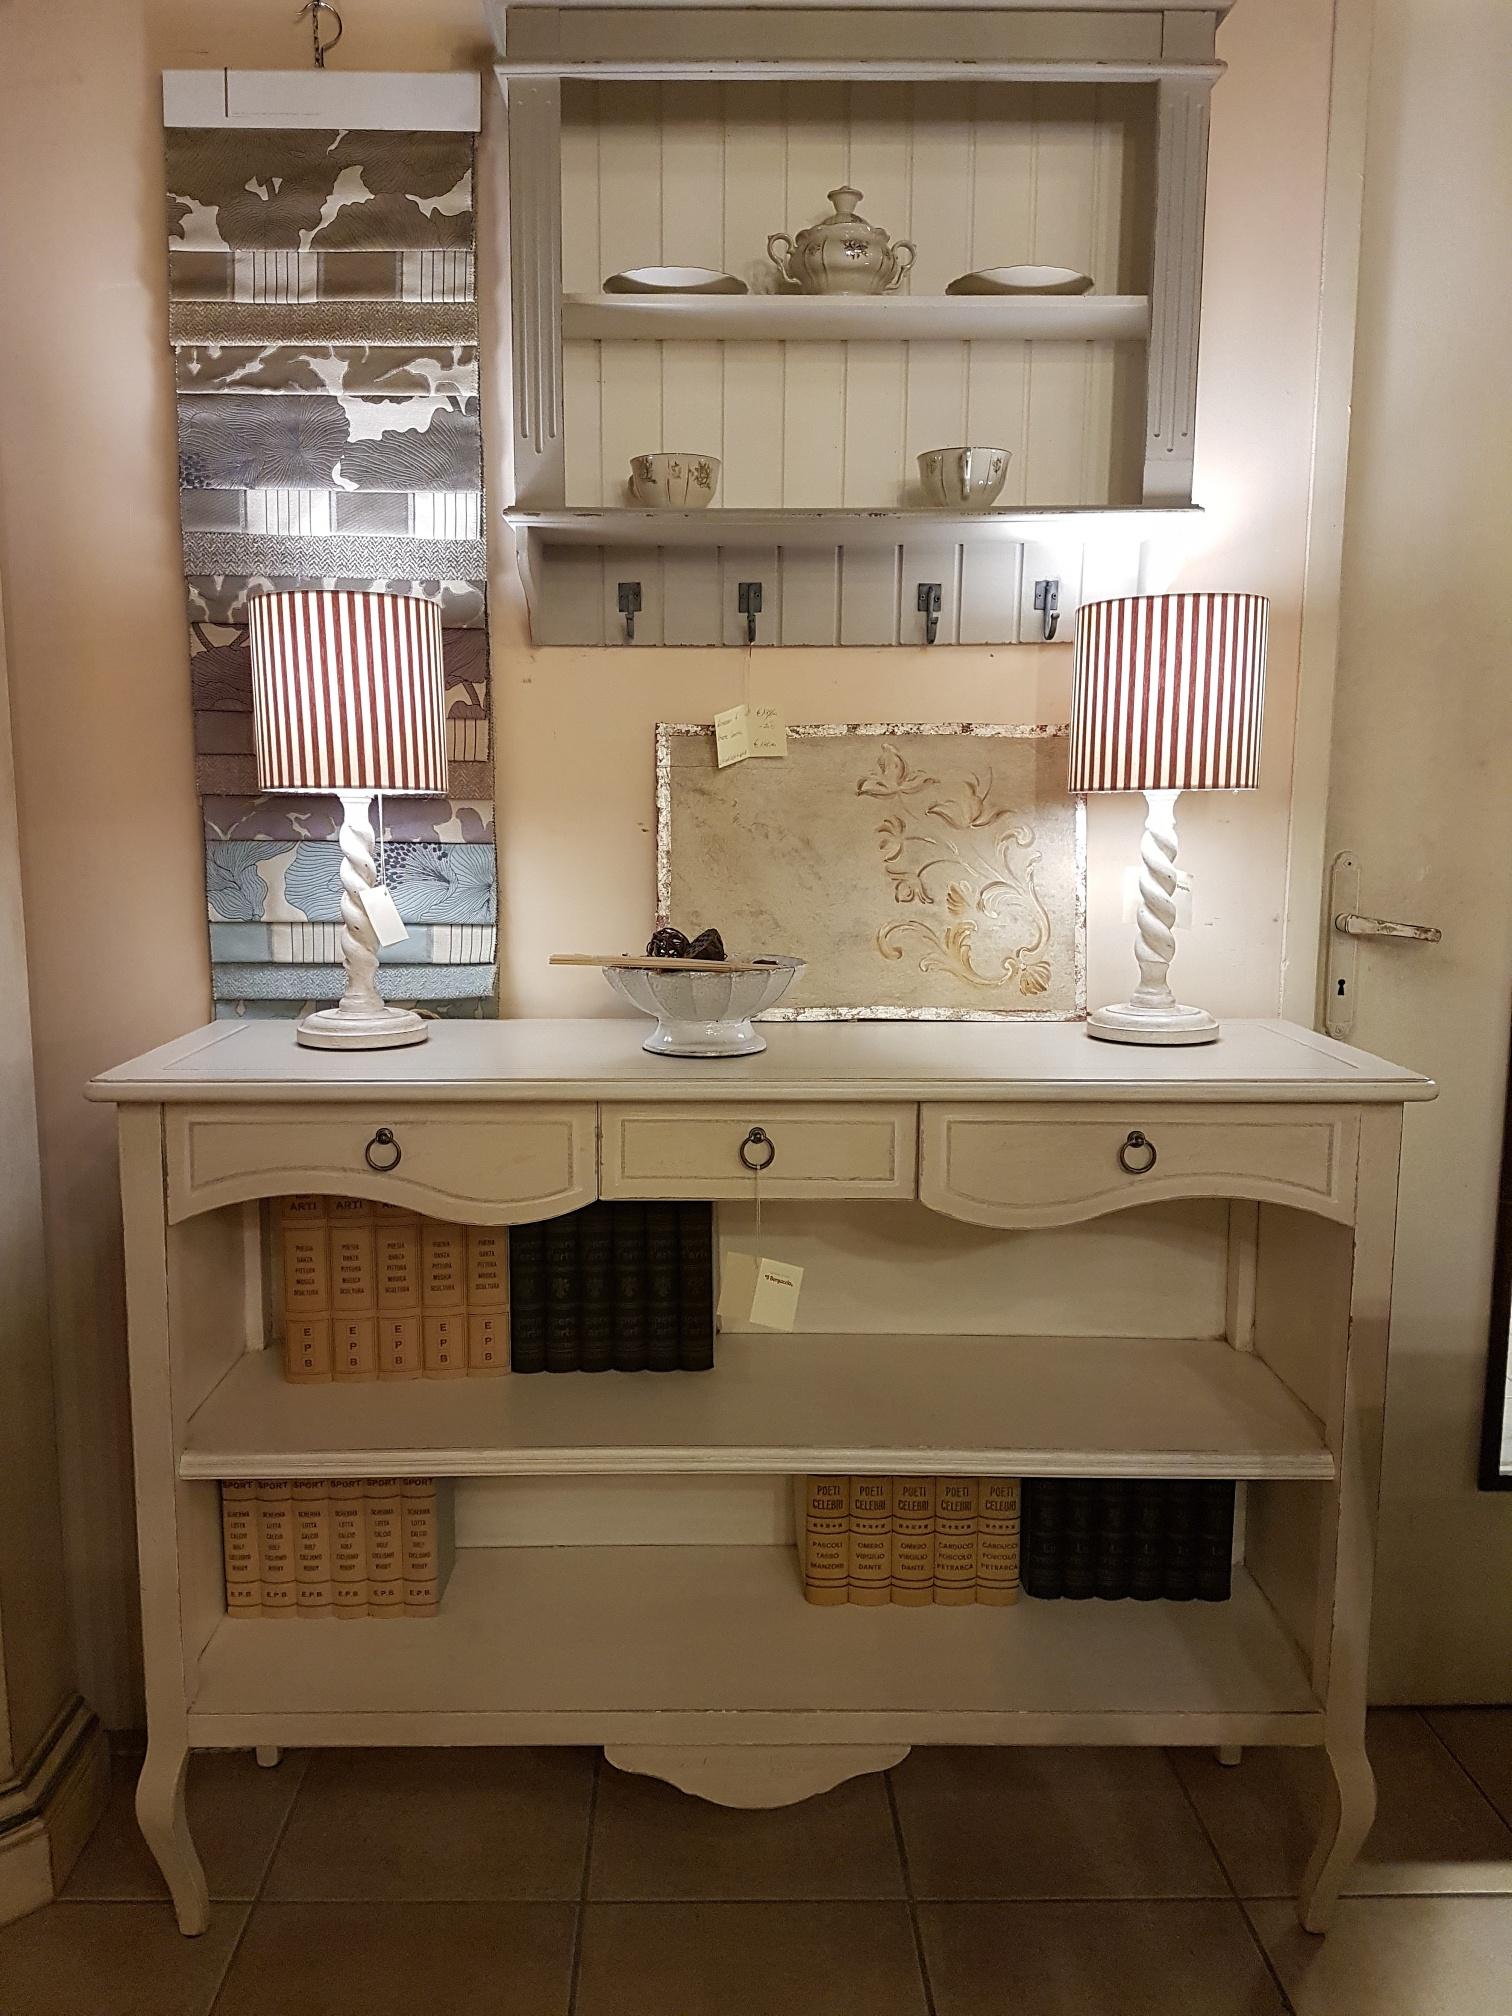 Arredamento contemporaneo mobili country su misura siena firenze libreria bassa in legno - Mobili stile country ...